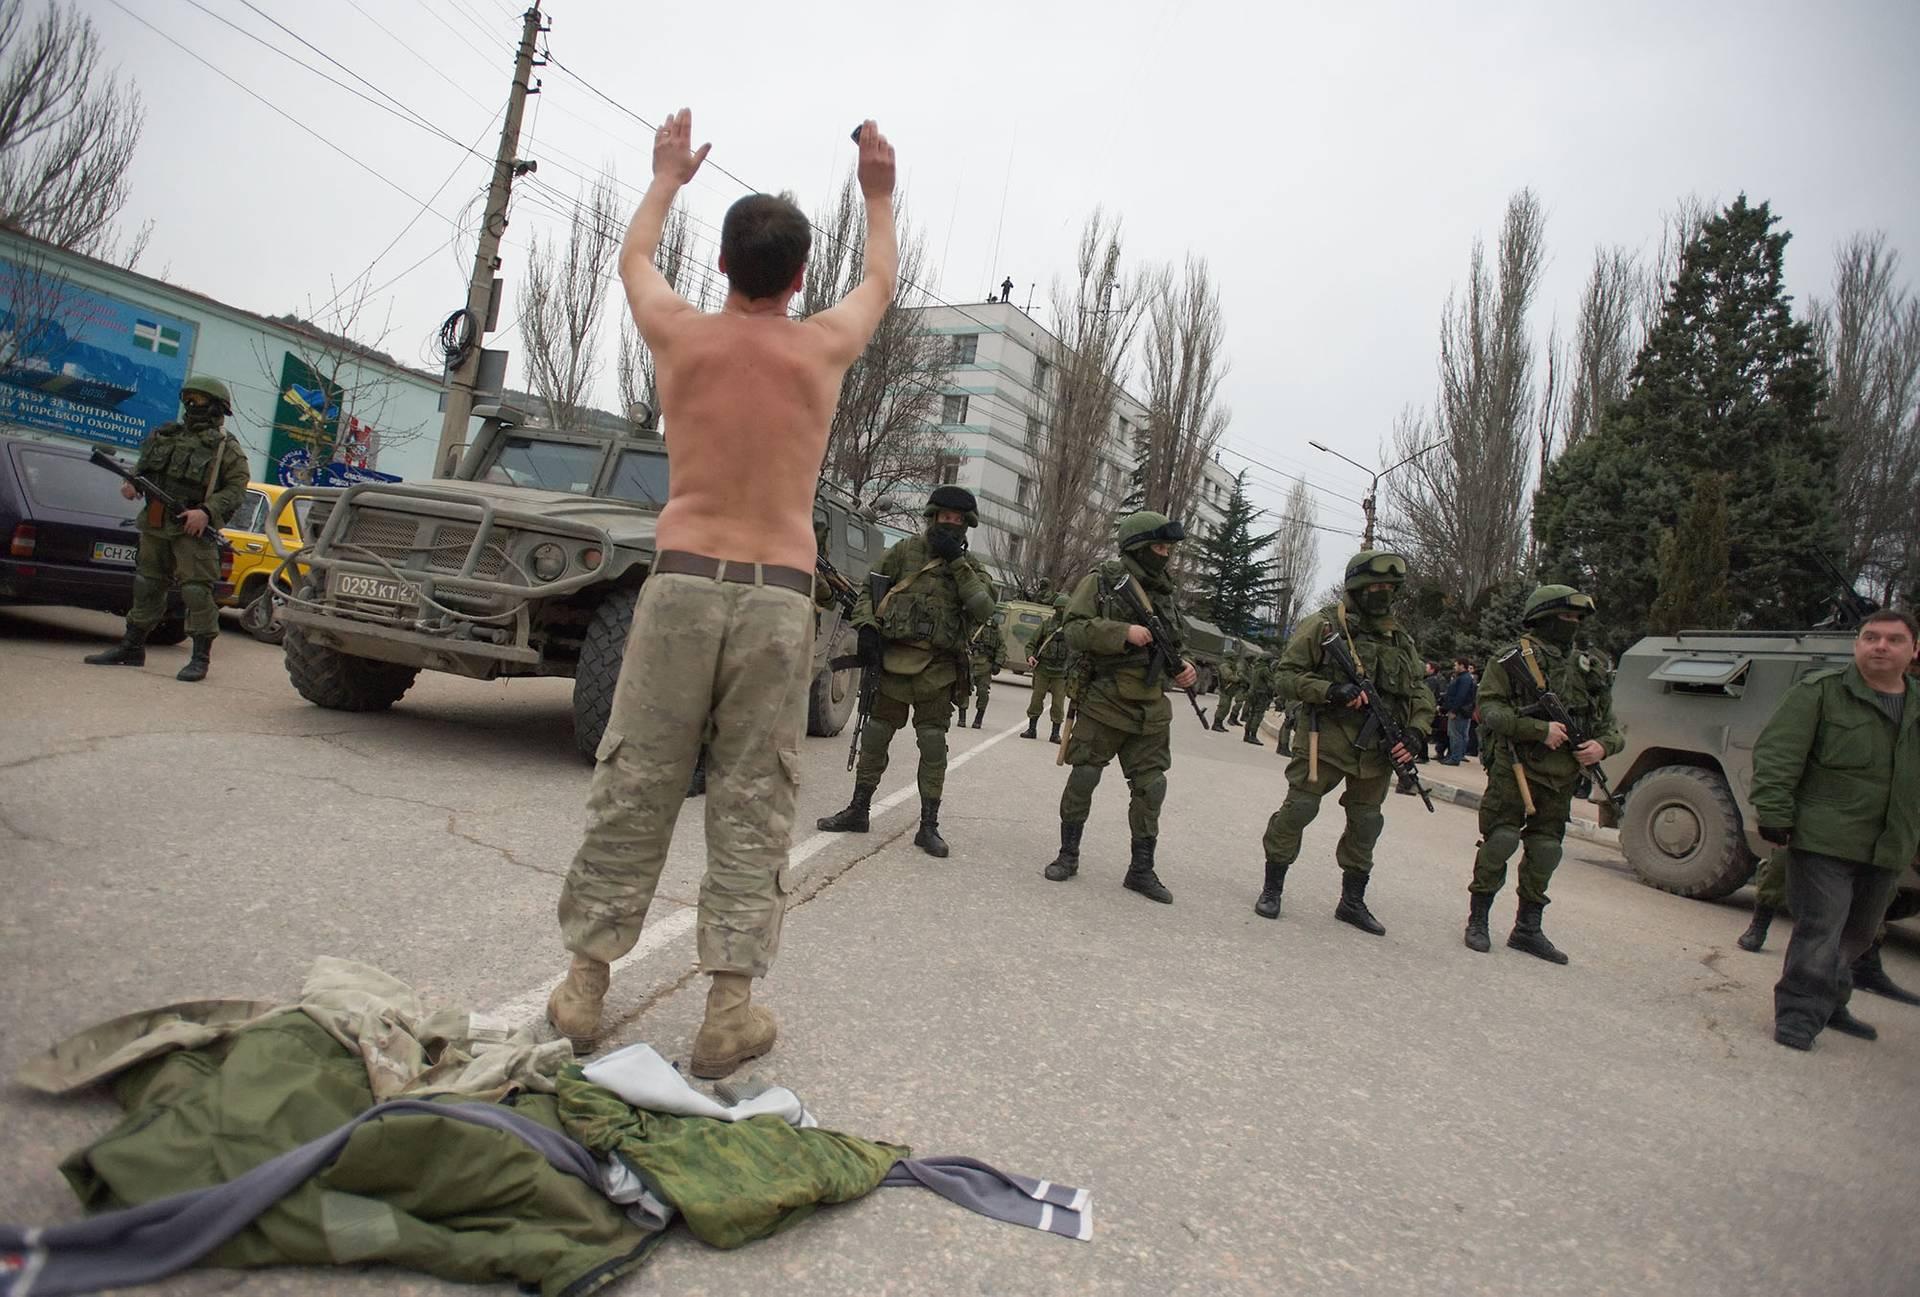 Український військовий намагається стримати і поговорити із озброєними російськими спецпризначенцями біля в'їзду на українську військову базу у Балаклаві, знявши одяг на знак того, що він не озброєний, Крим, 1 березня 2014 року